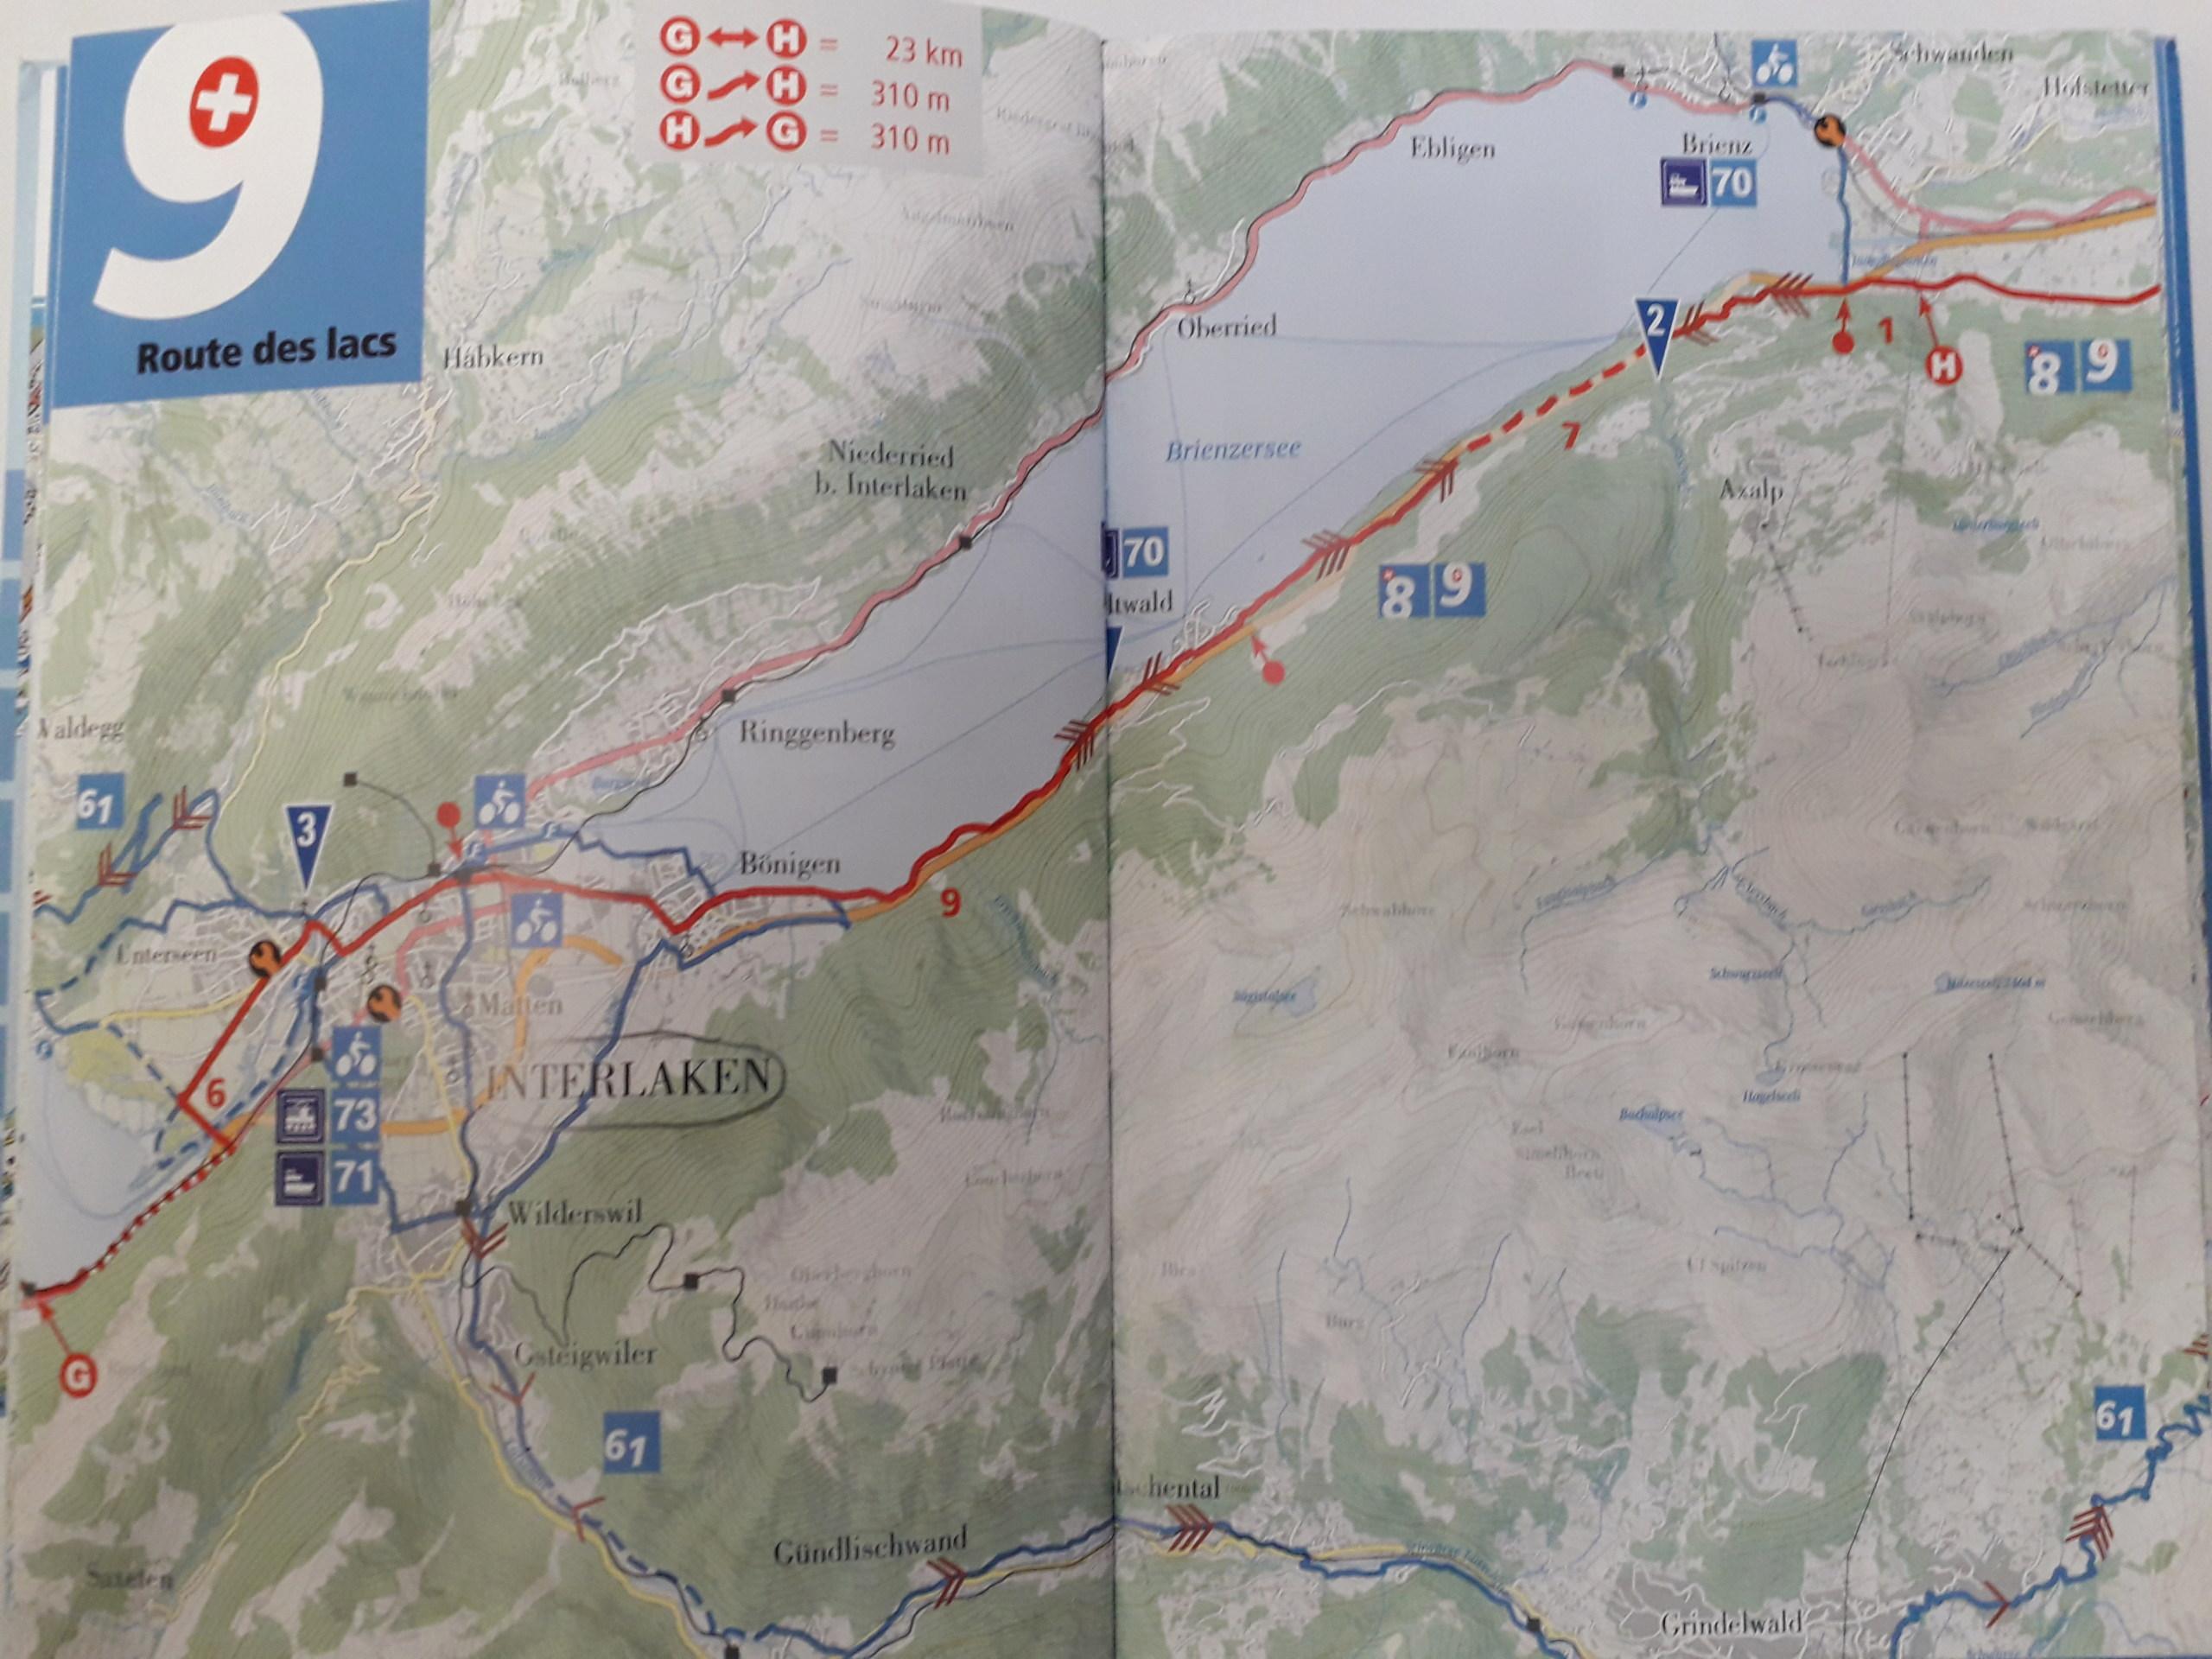 La Route des lacs - Suisse [7 au 12 juin] saison 14 •Bƒ 20190517